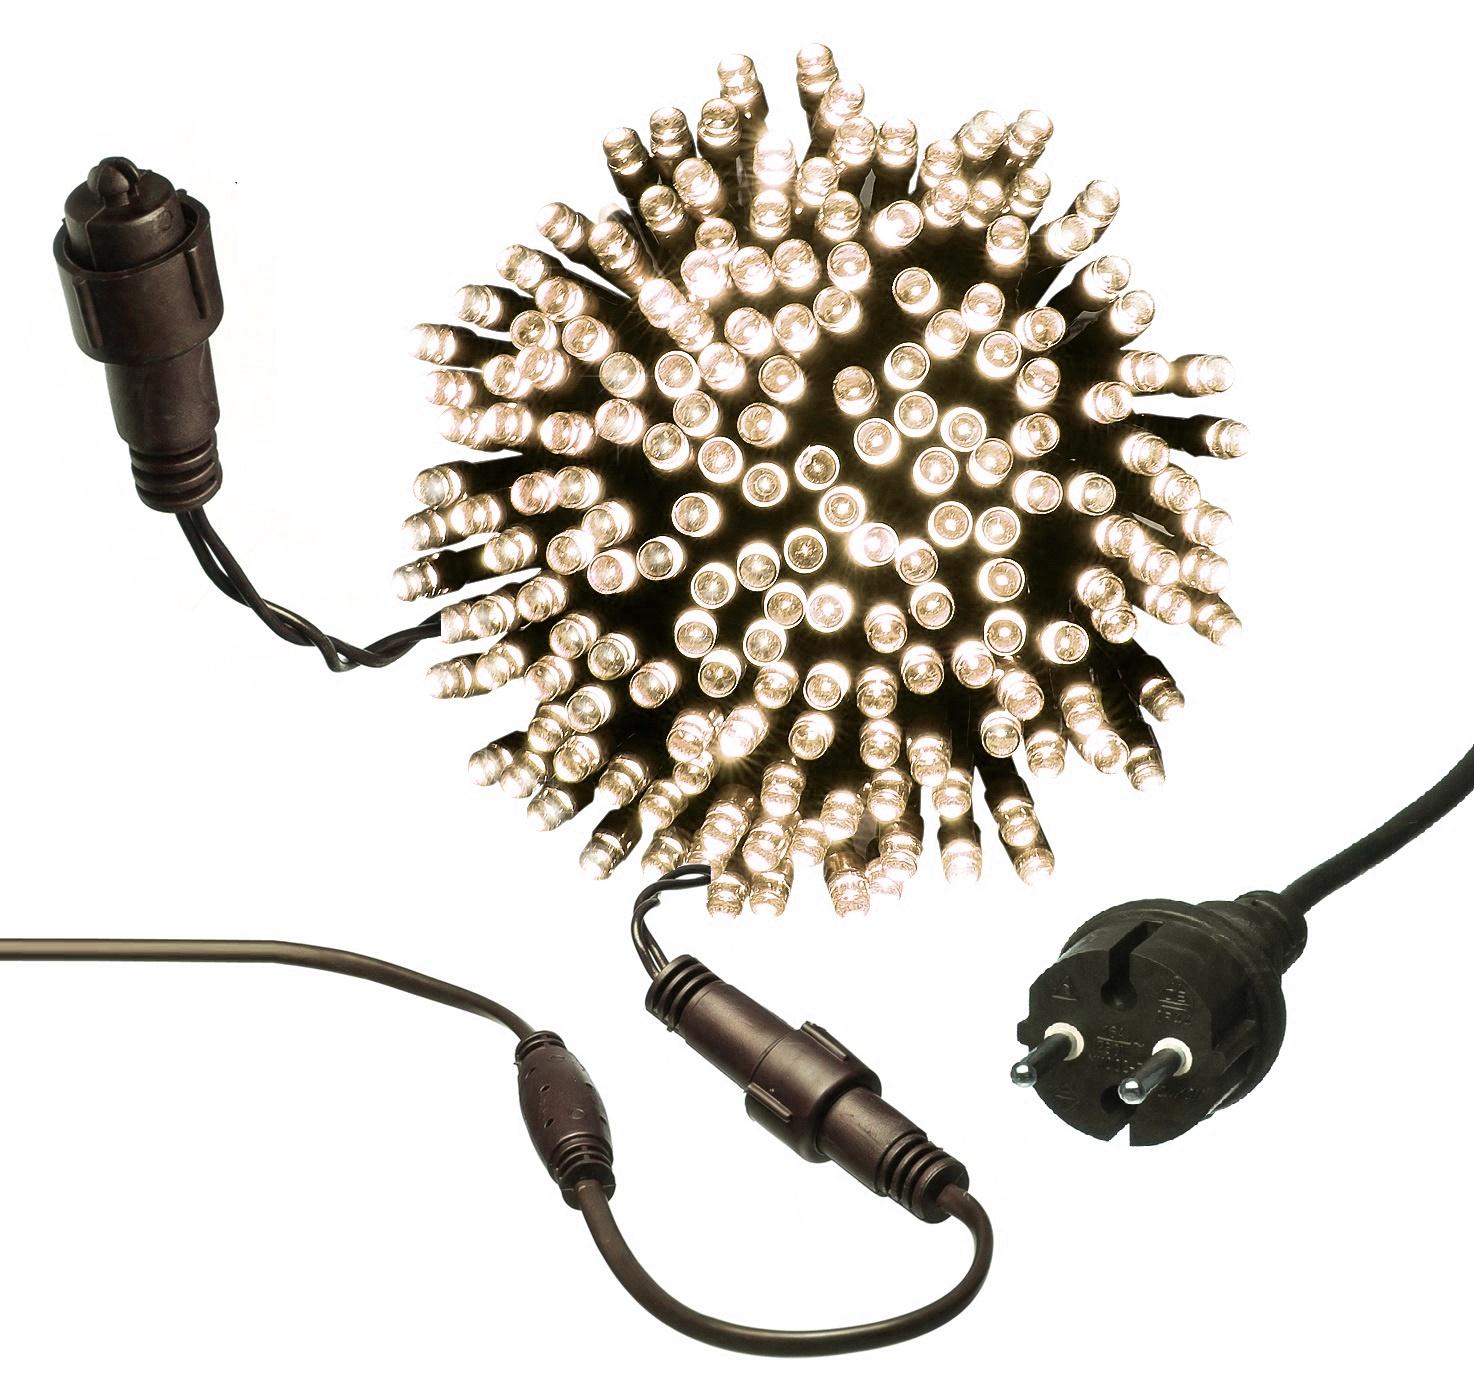 LAMPKI CHOINKOWE 500 LED ZEWNĘTRZNE stałe światło   7012630878